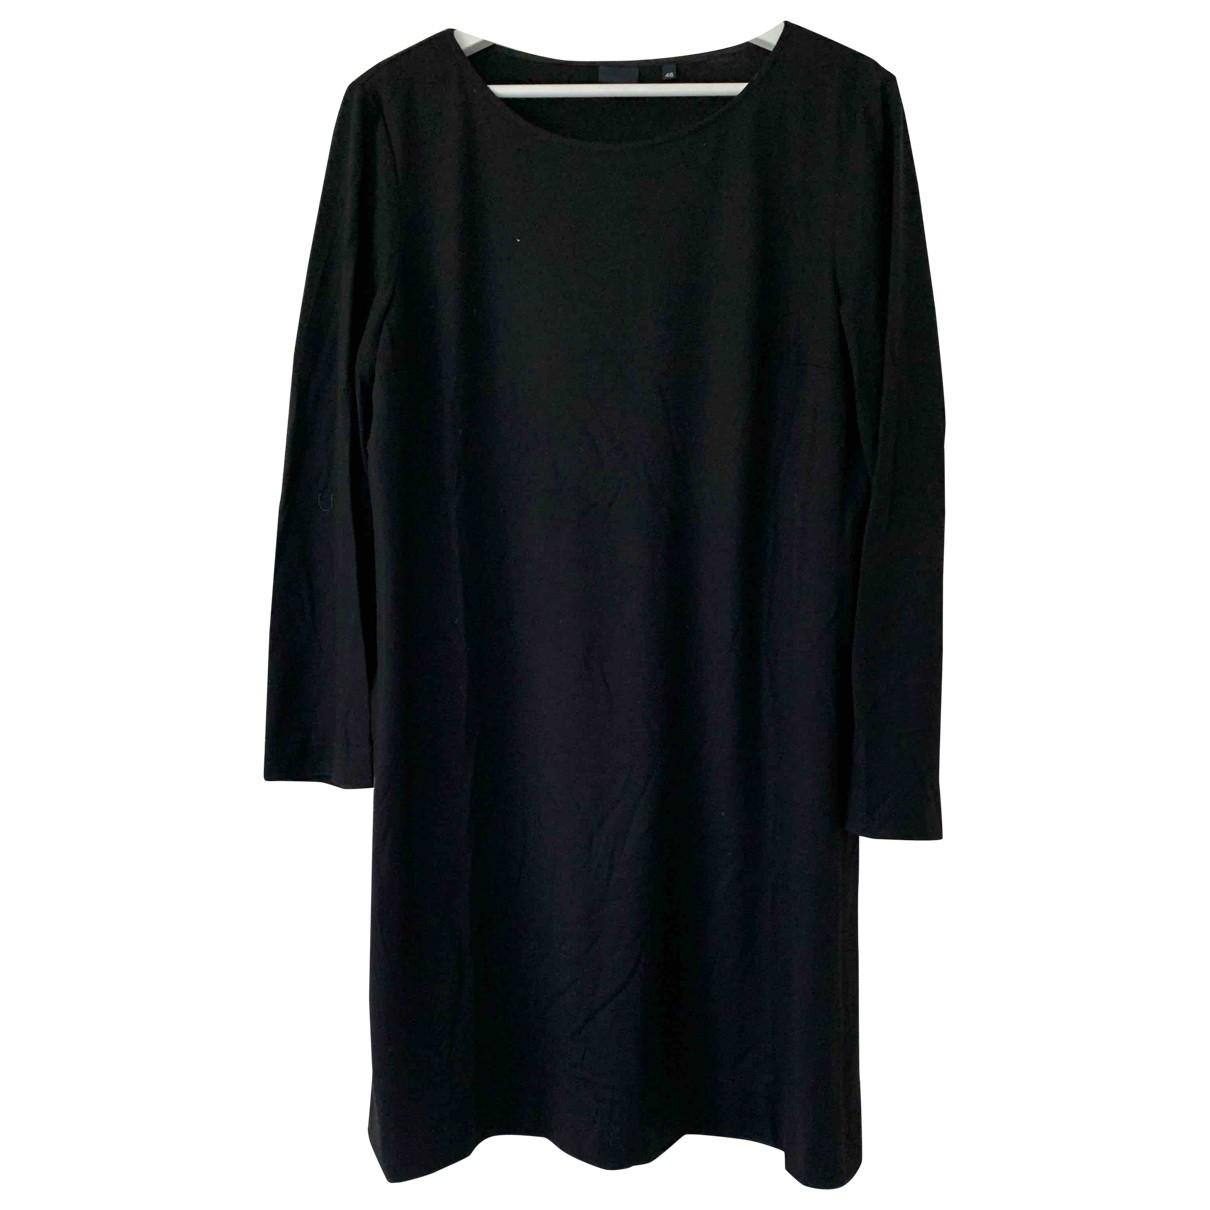 Aspesi \N Black Wool dress for Women 46 IT